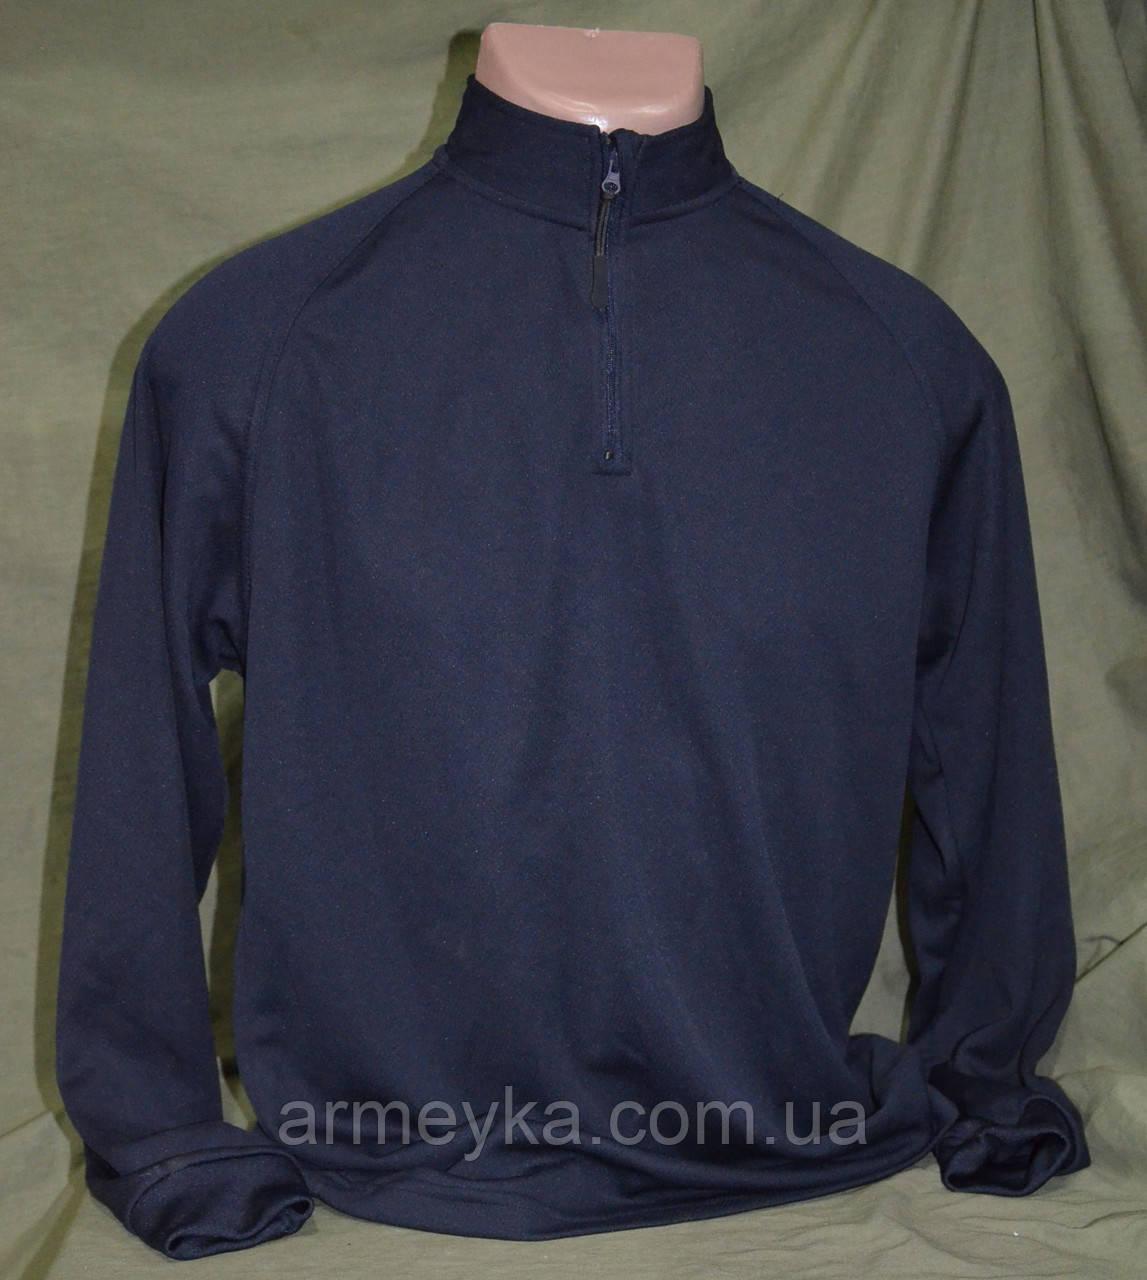 CoolMax полицейский реглан, темно-синий (воронье крыло). НОВЫЙ. Великобритания, оригинал.